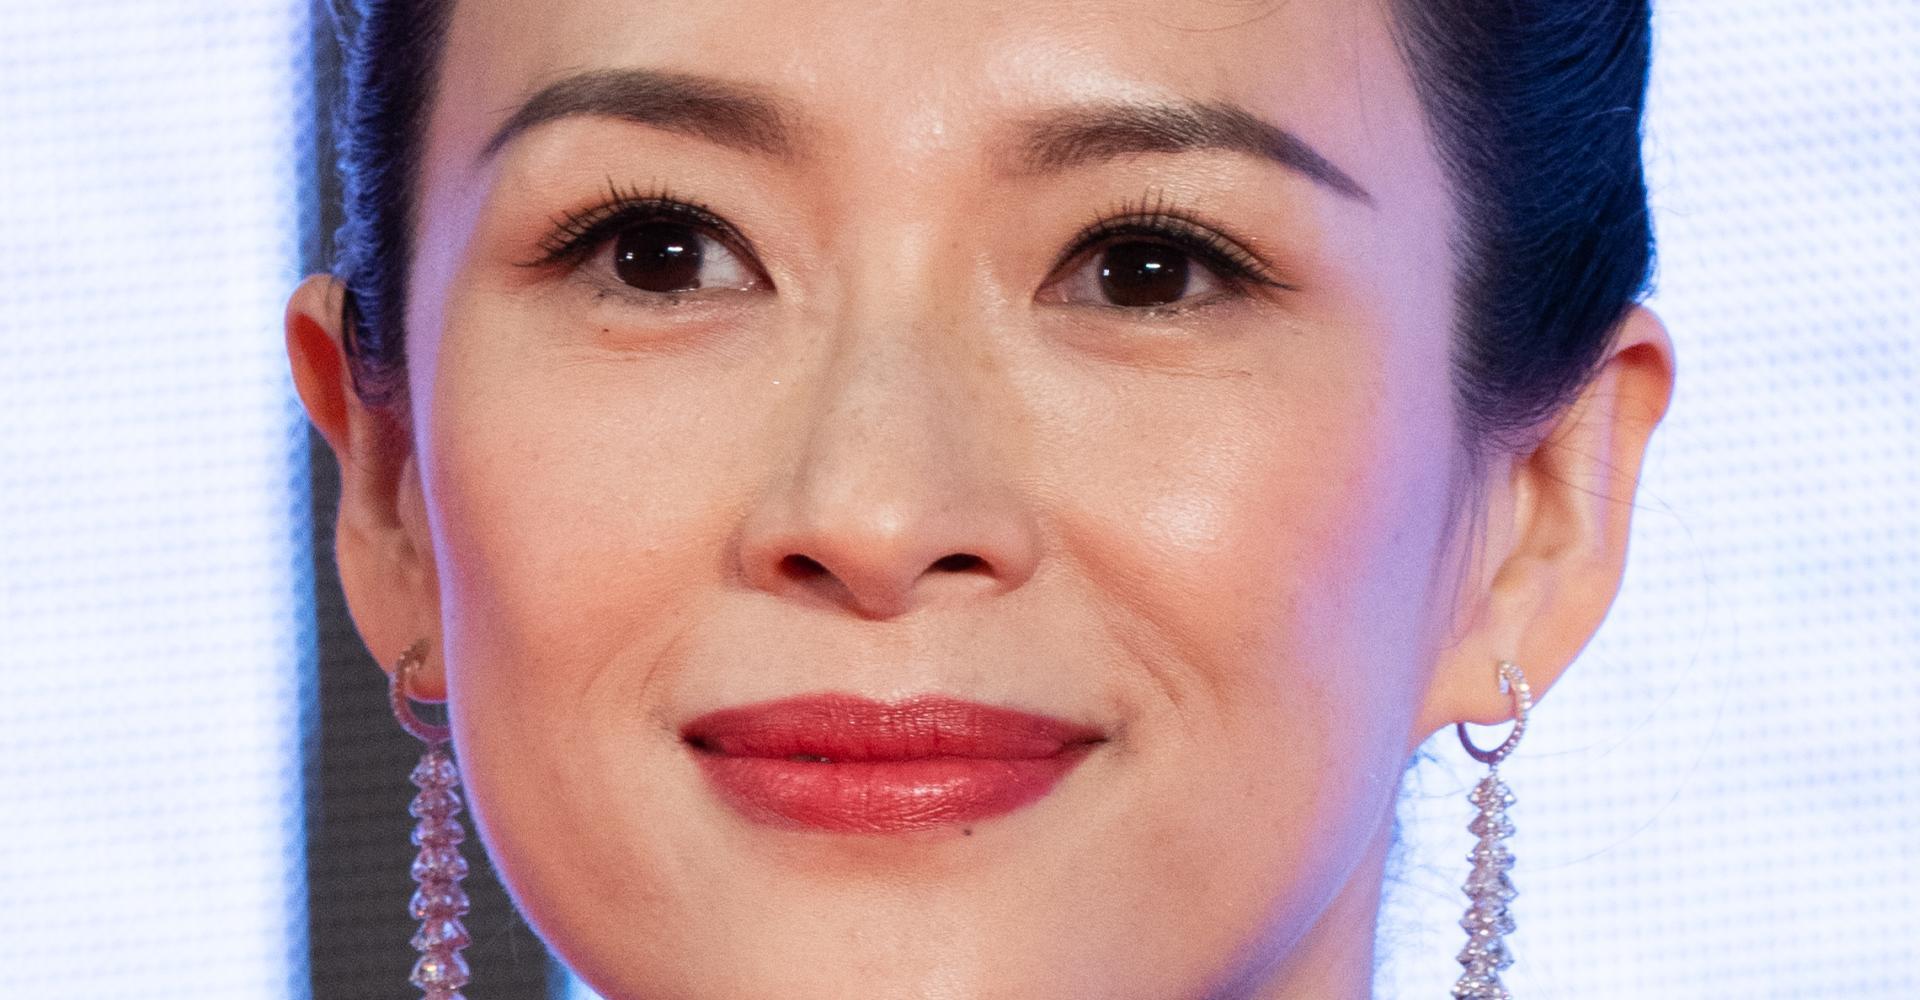 Zhang Ziyi als Jurypräsidentin bei der Eröffnung des Tokyo International Film Festival 2019